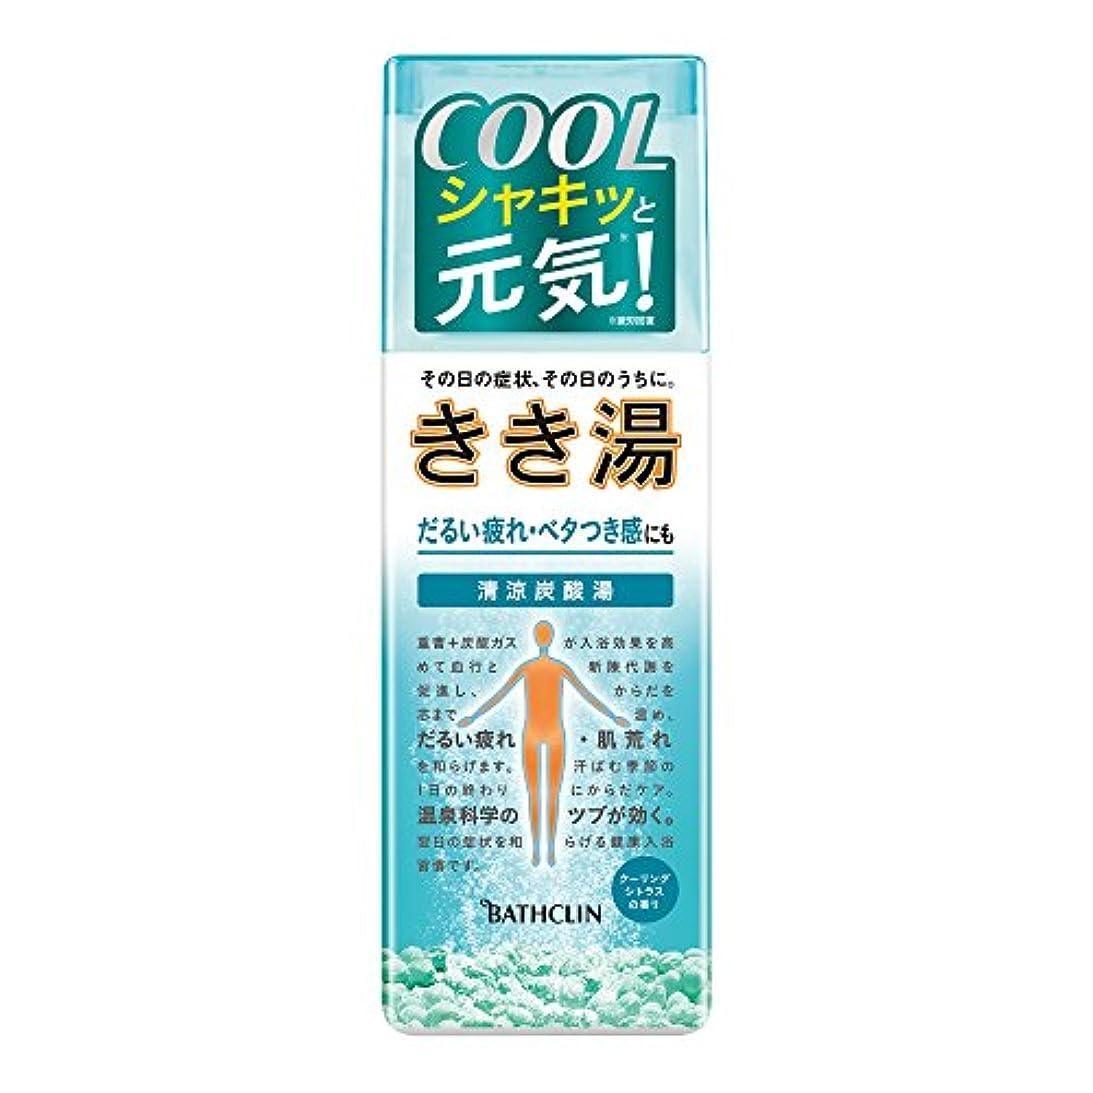 それにもかかわらず着飾る黒板【医薬部外品】きき湯清涼炭酸湯クーリングシトラスの香り360gスカイブルーの湯透明タイプ入浴剤